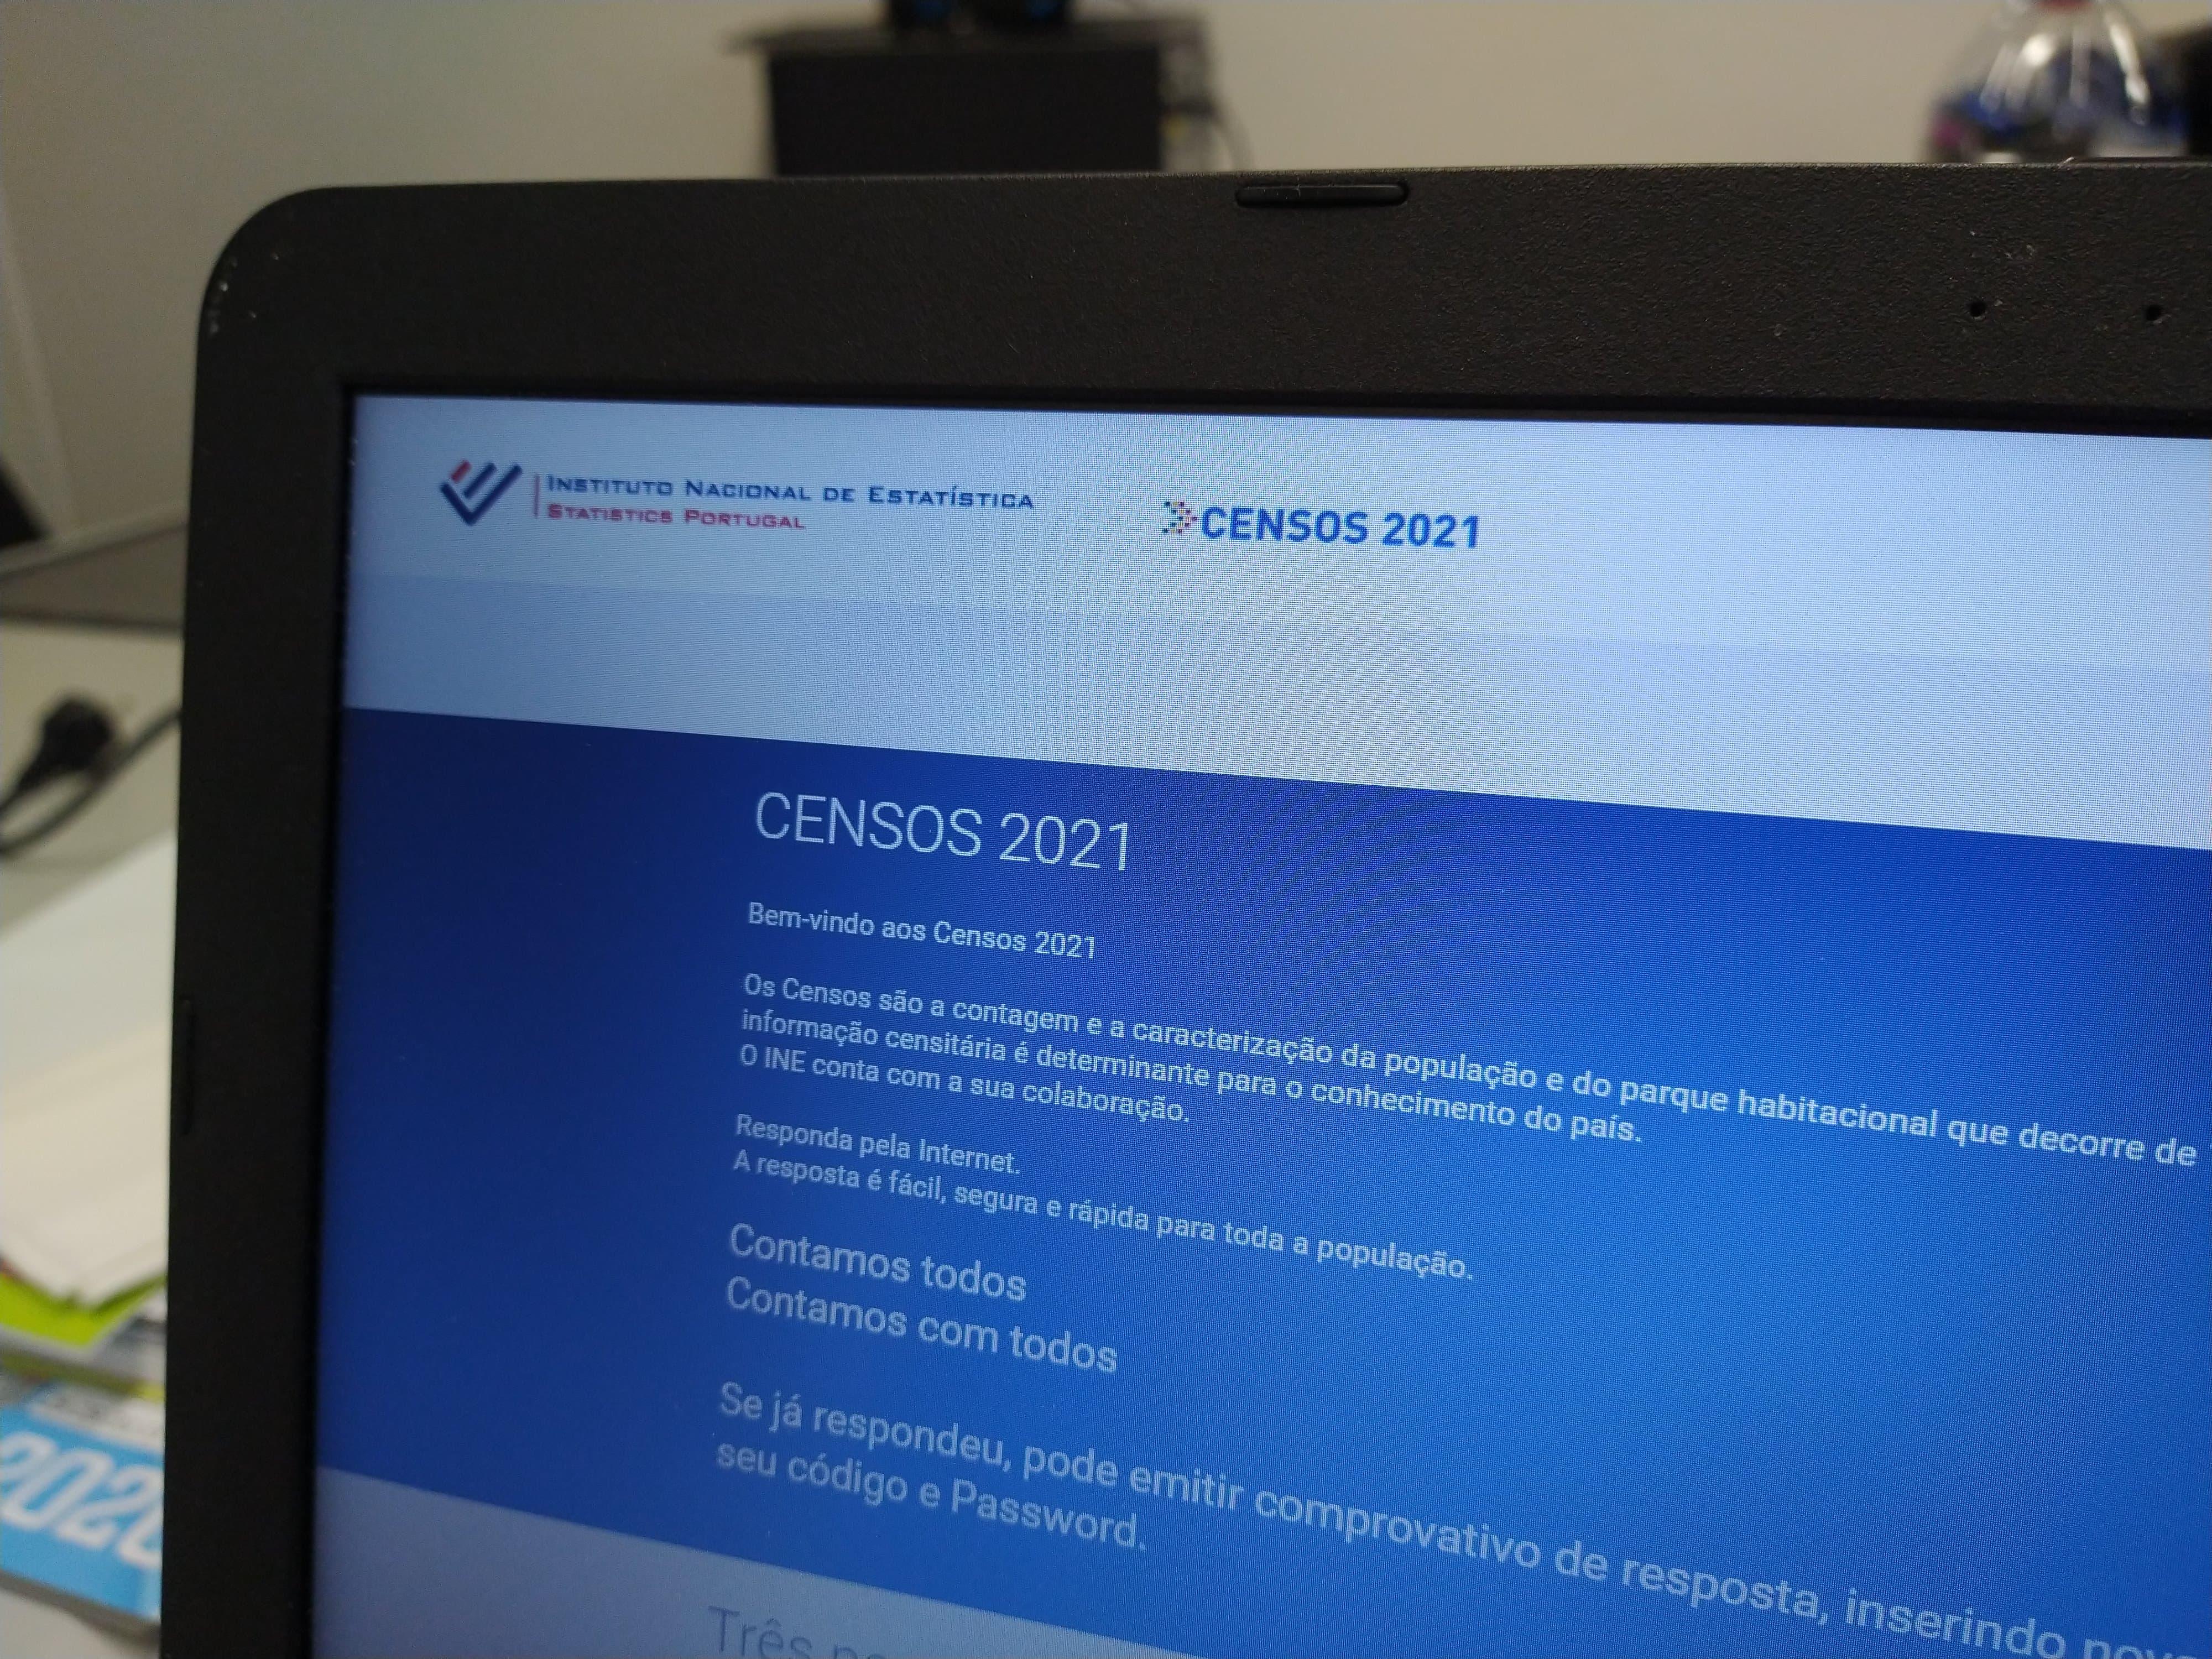 censos 2021 site